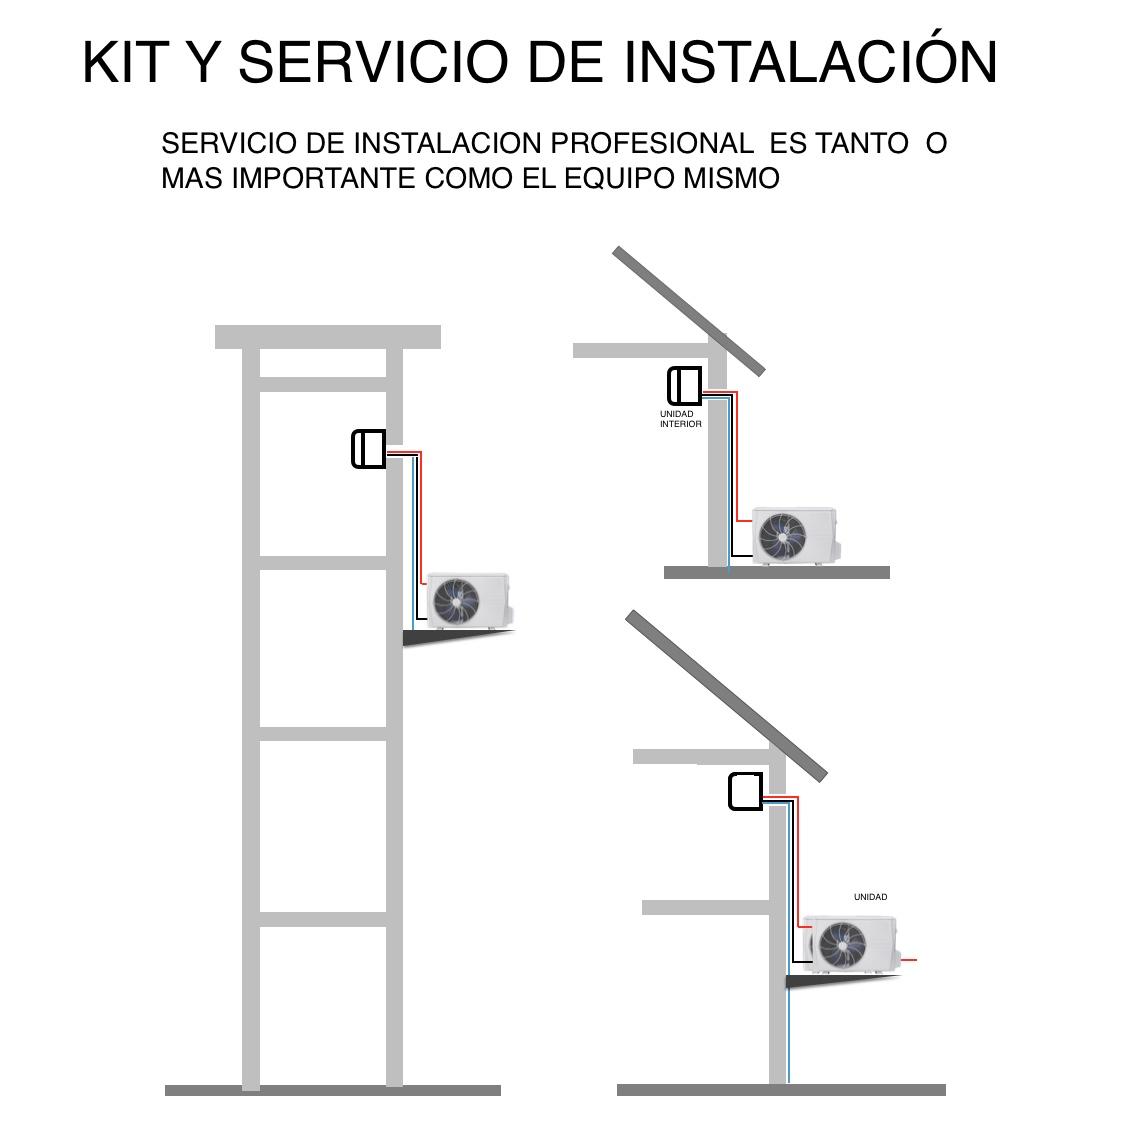 KIT Y SERVICIO DE INSTALACIÓN DE AIRES ACONDICIONADOS SPLIT